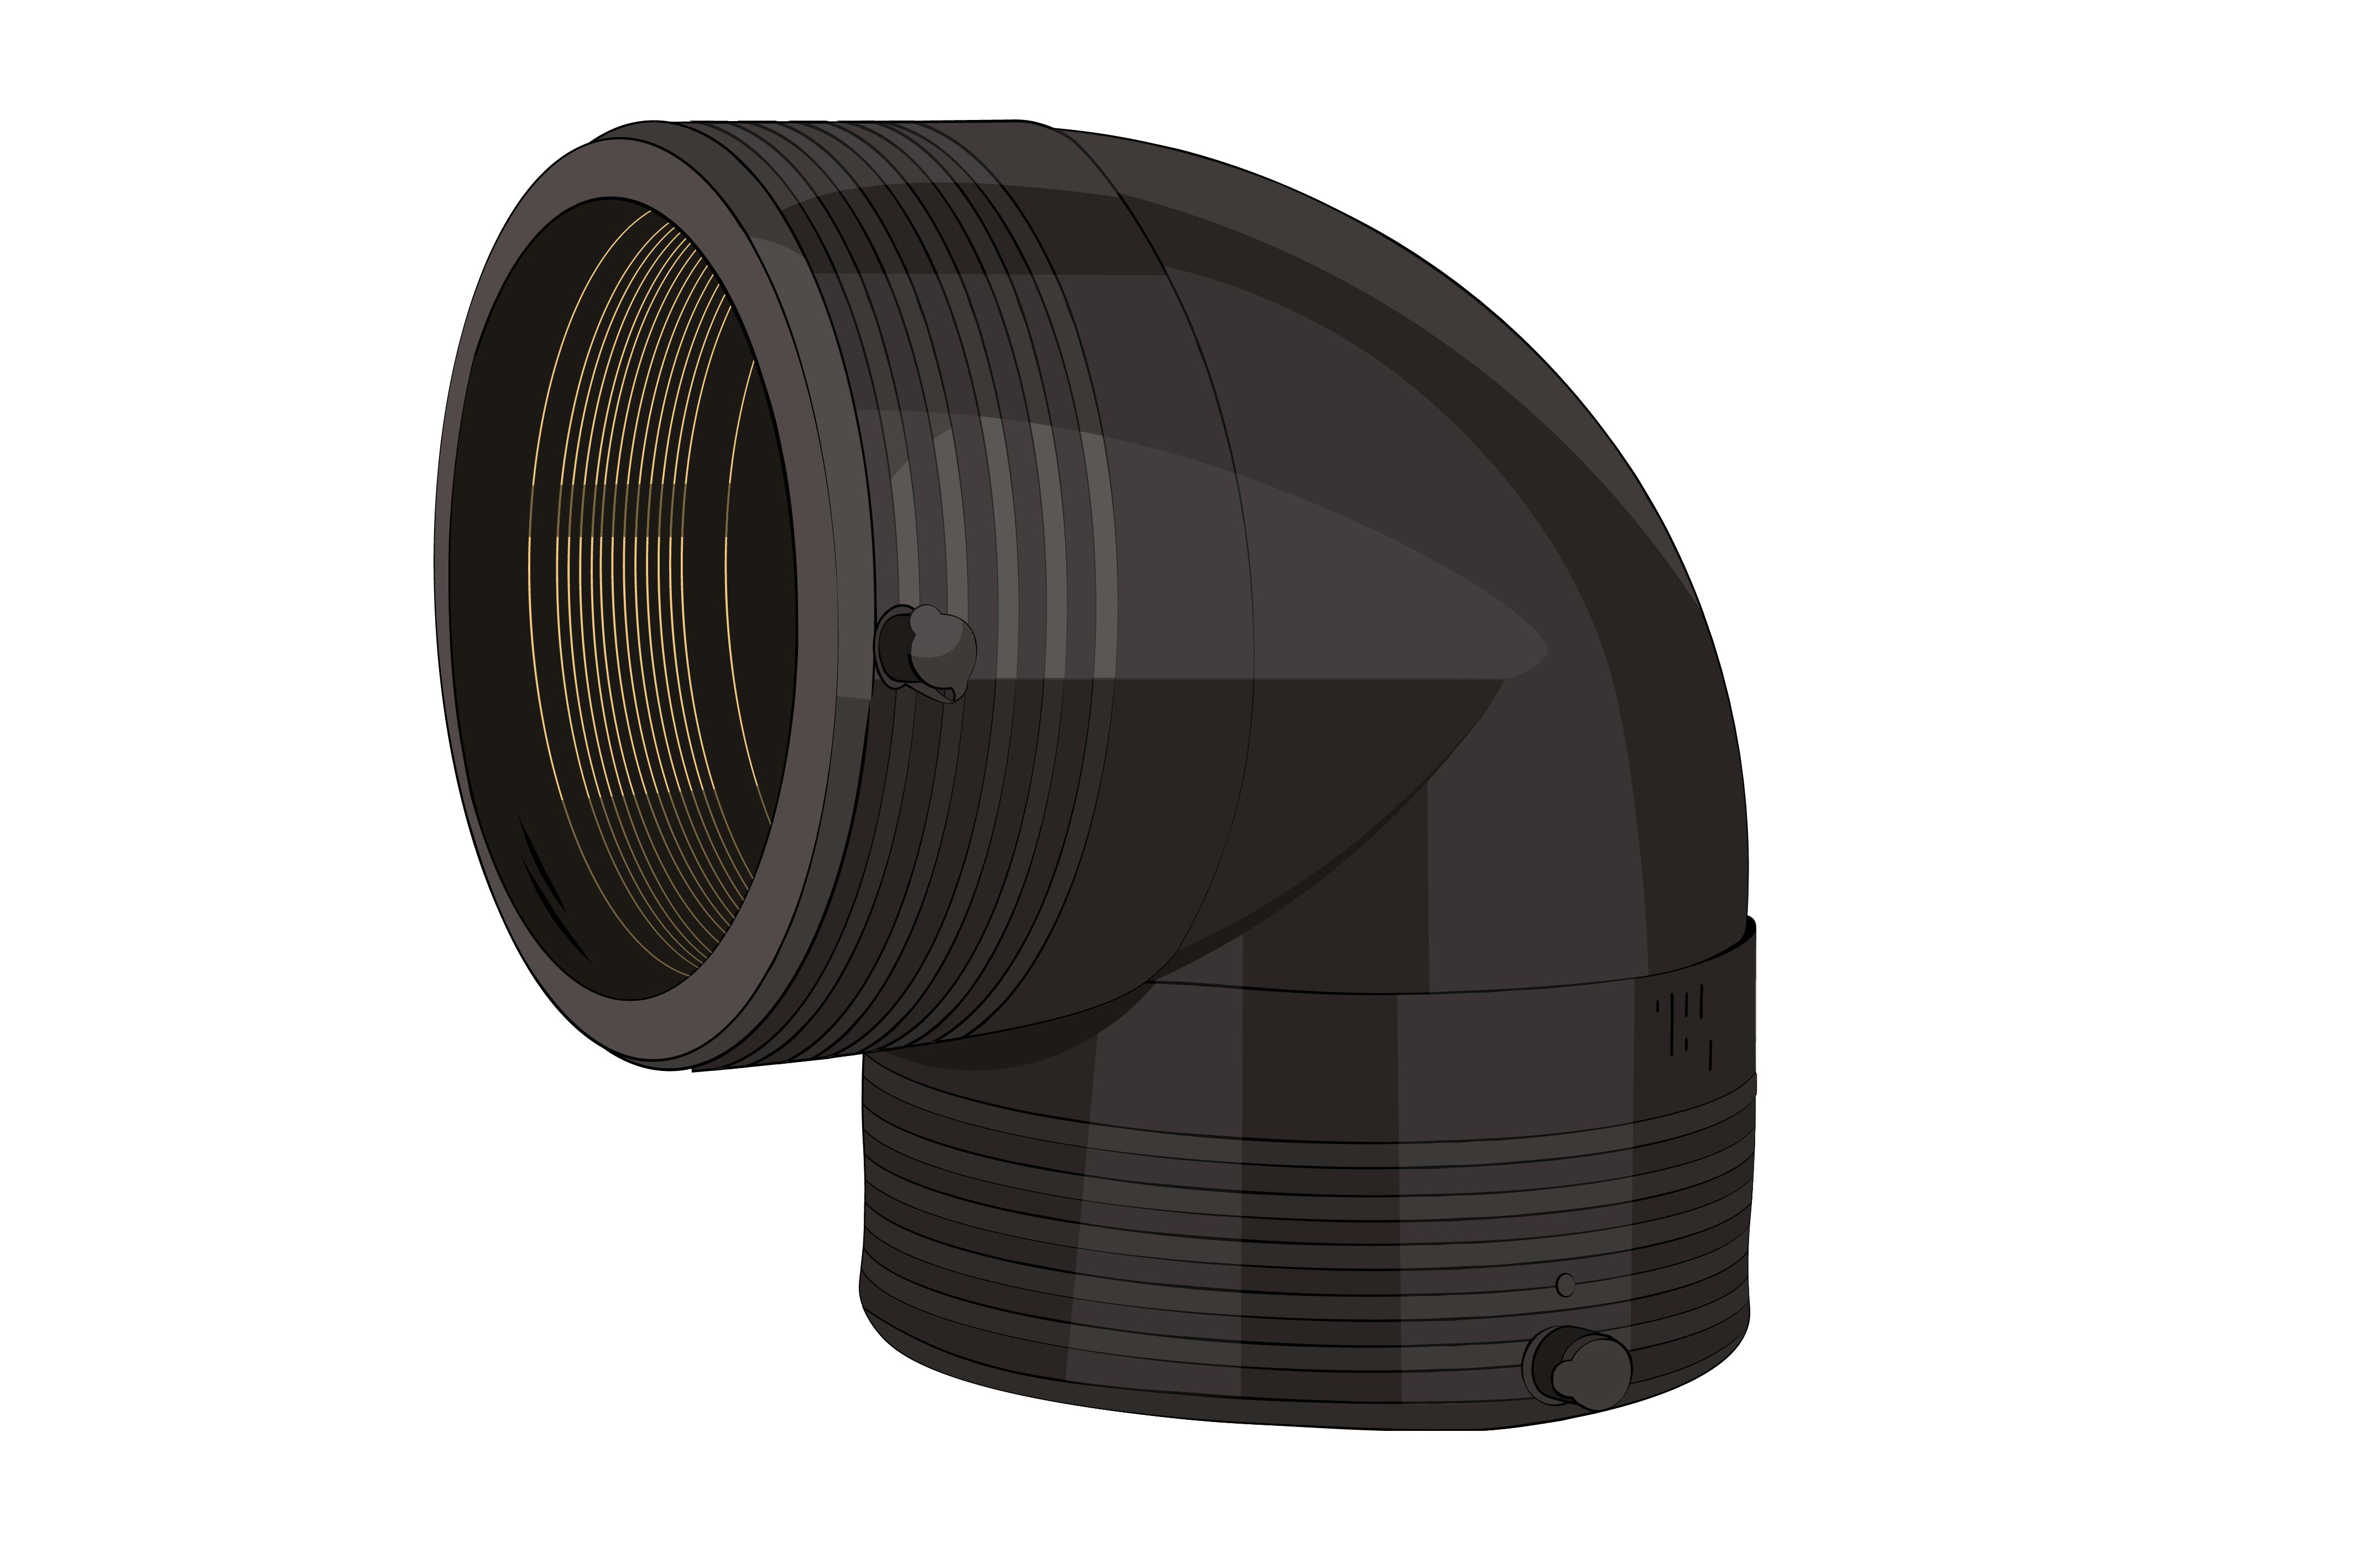 электросварной отвод 90 градусов ПНД